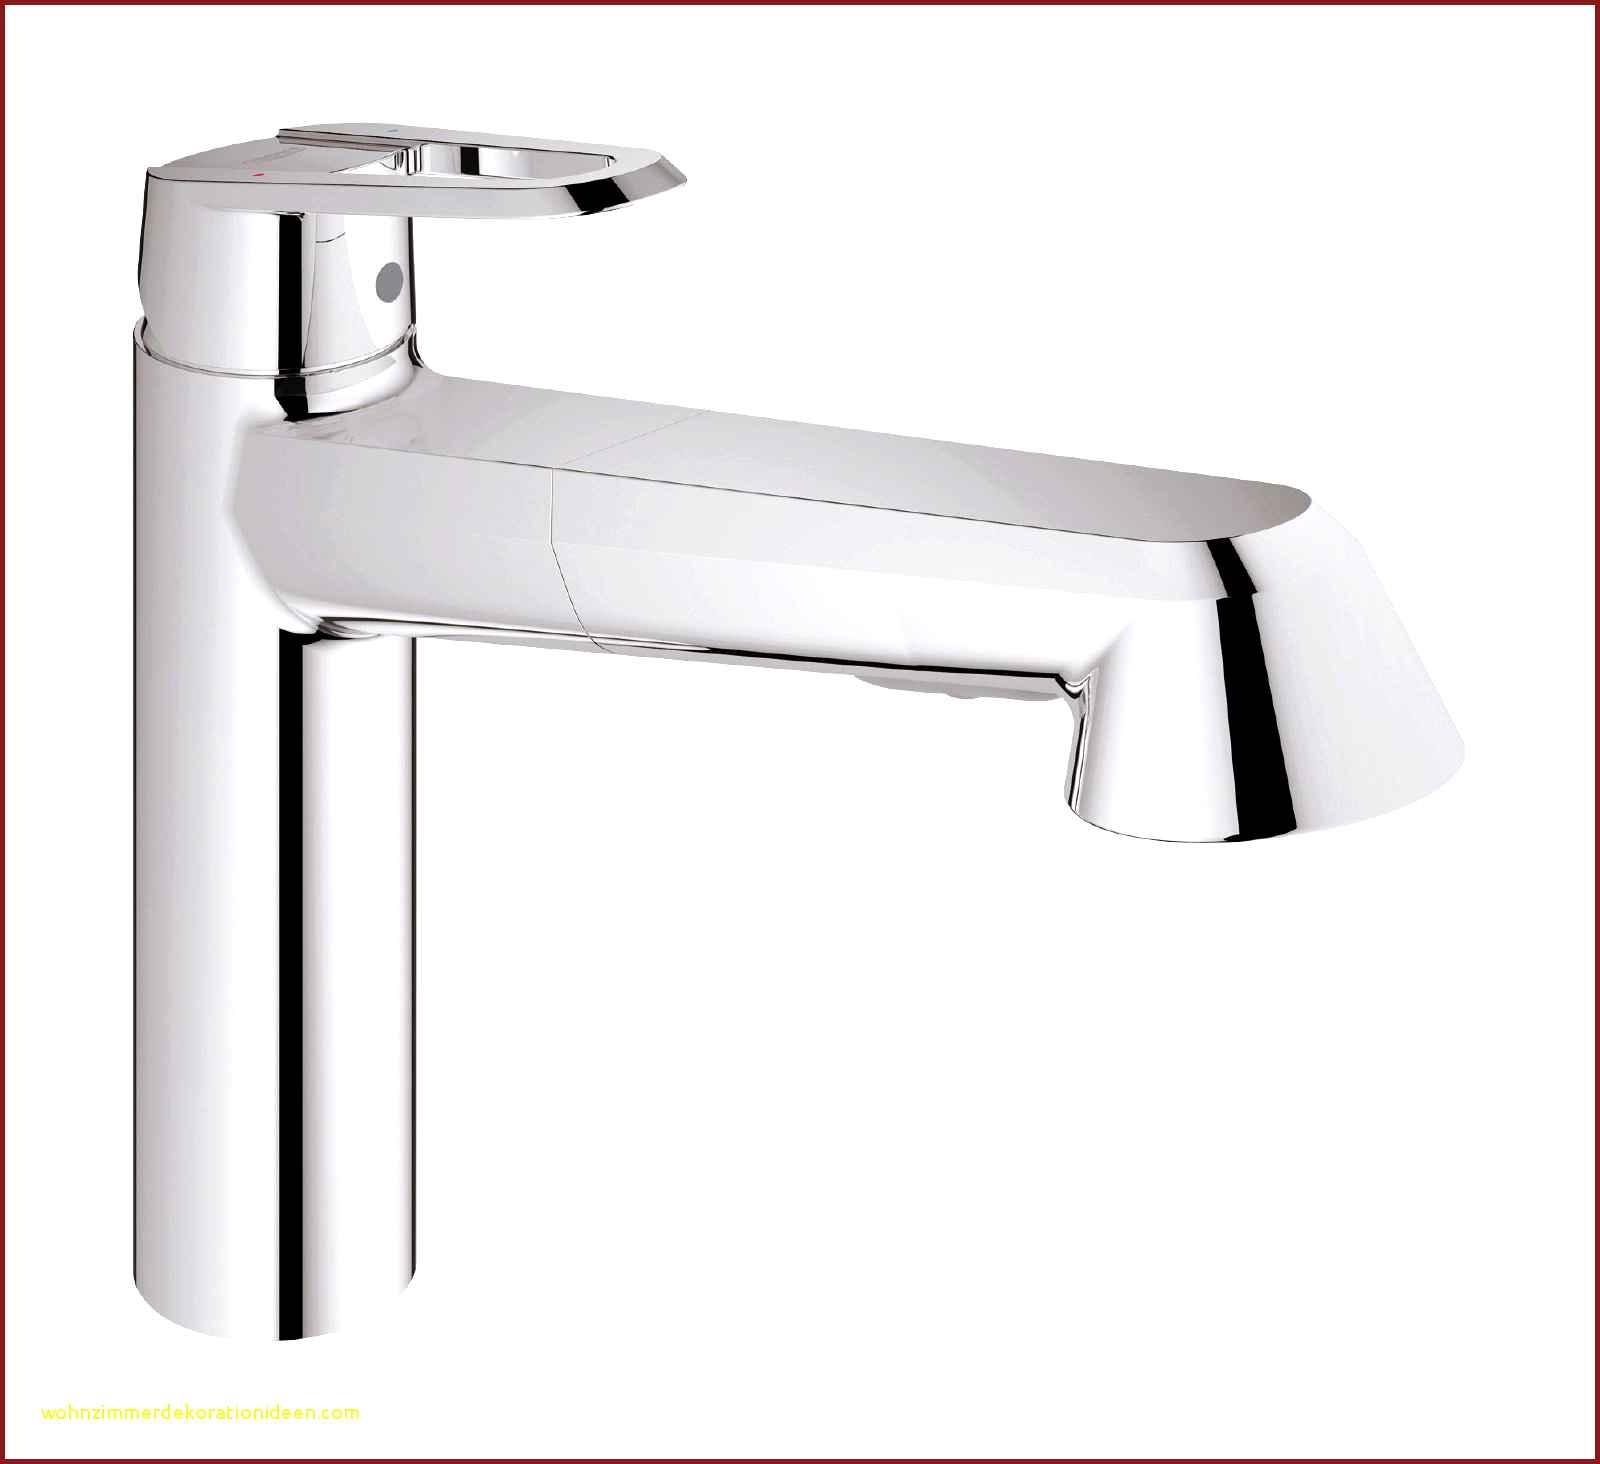 Full Size of Grohe Wasserhahn Kuche Bad Küche Wandanschluss Für Dusche Thermostat Wohnzimmer Grohe Wasserhahn